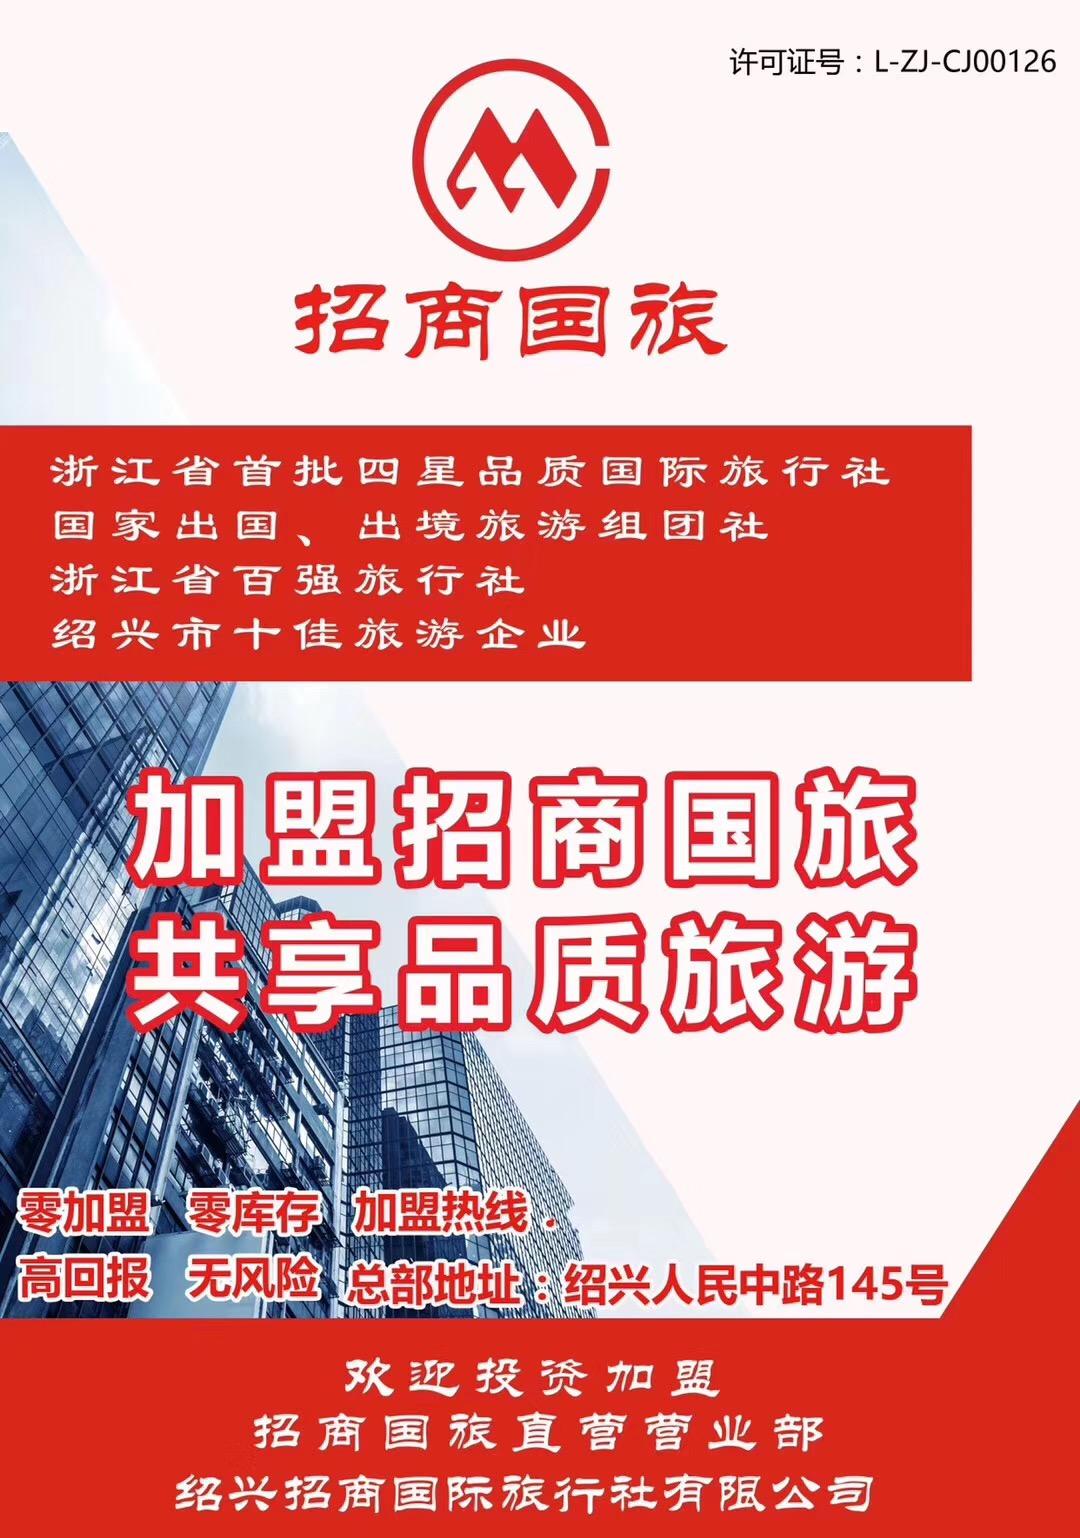 【经典岁月 北京故宫、长城、圆明园高飞五日】绍兴组团